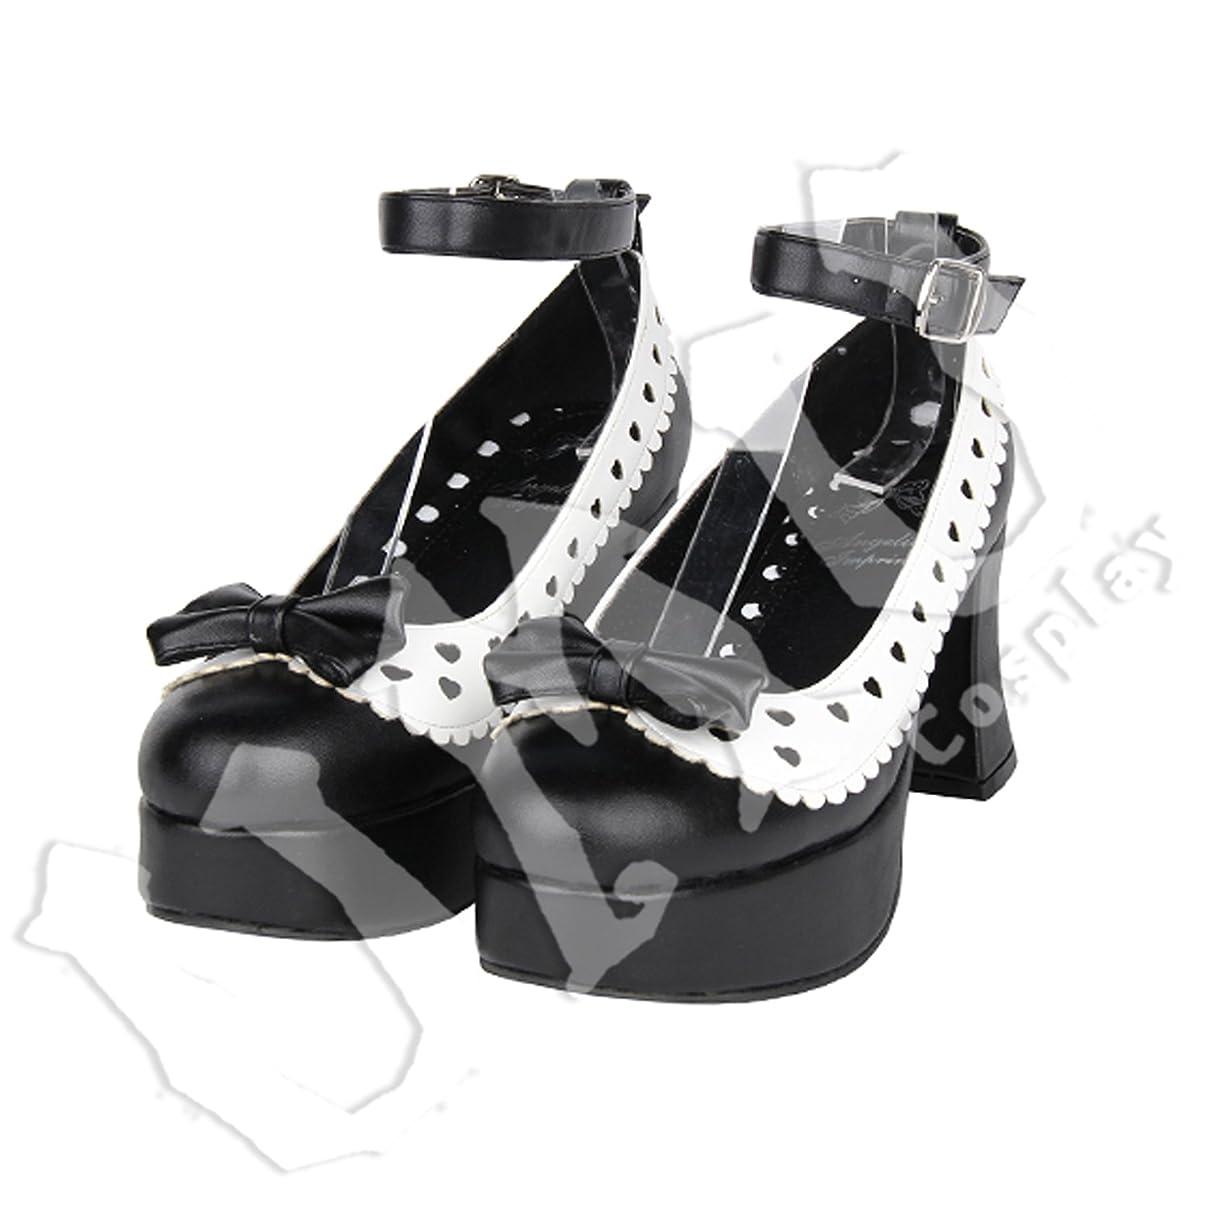 石炭市区町村薄い【UMU】 LOLITA ロリータ リトルハート モノクロ リボン 風 靴 ブーツ ブーティ オーダーメイド(ヒール高、材質、靴色は変更可能!) (足23cm)